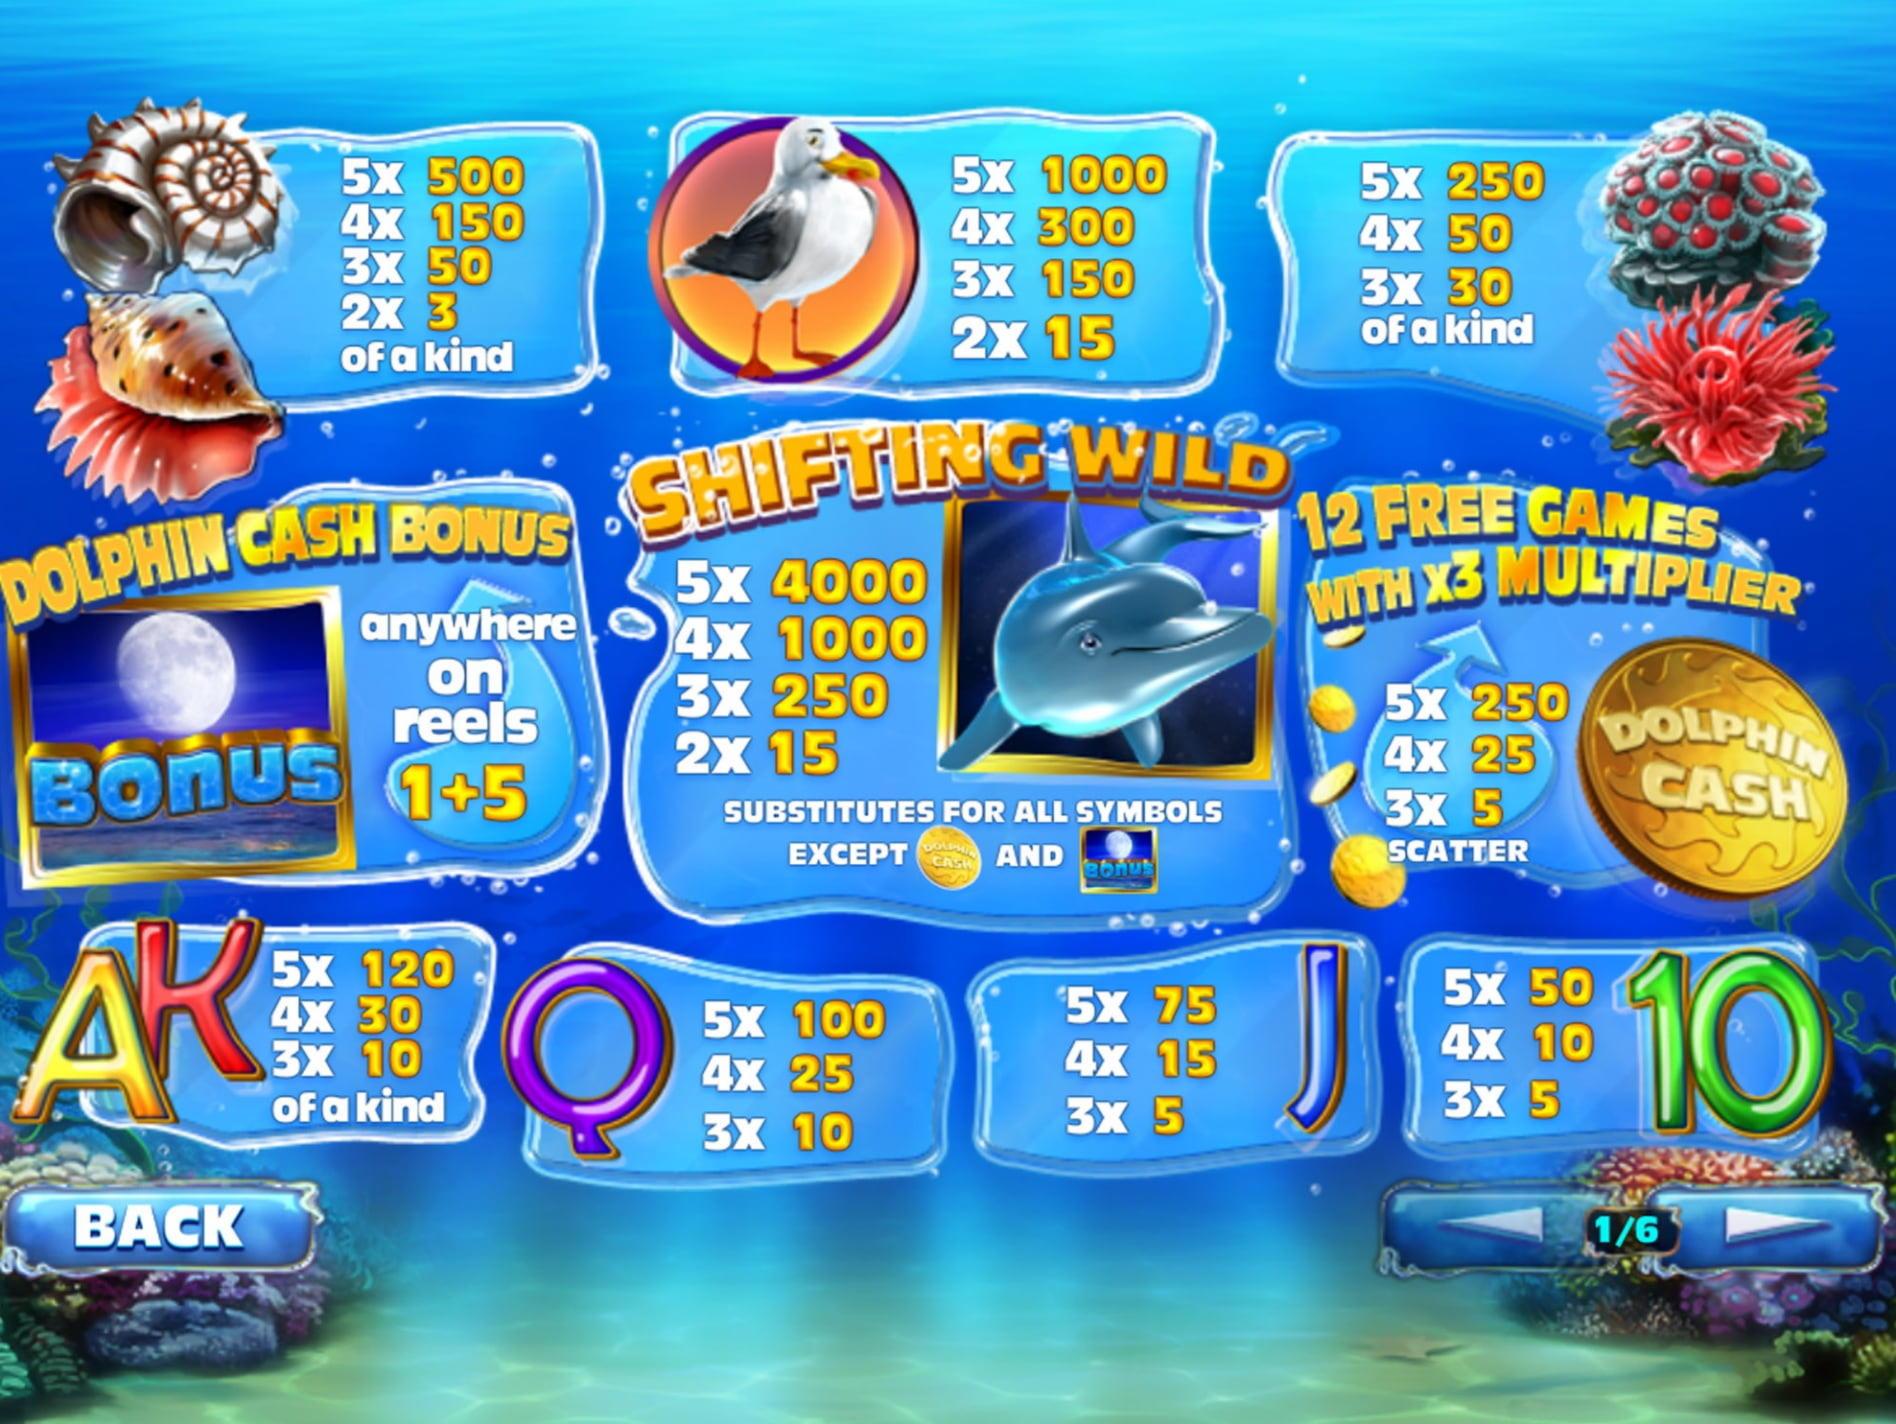 105 Free Spins Խաղատուն Wink Slots- ում